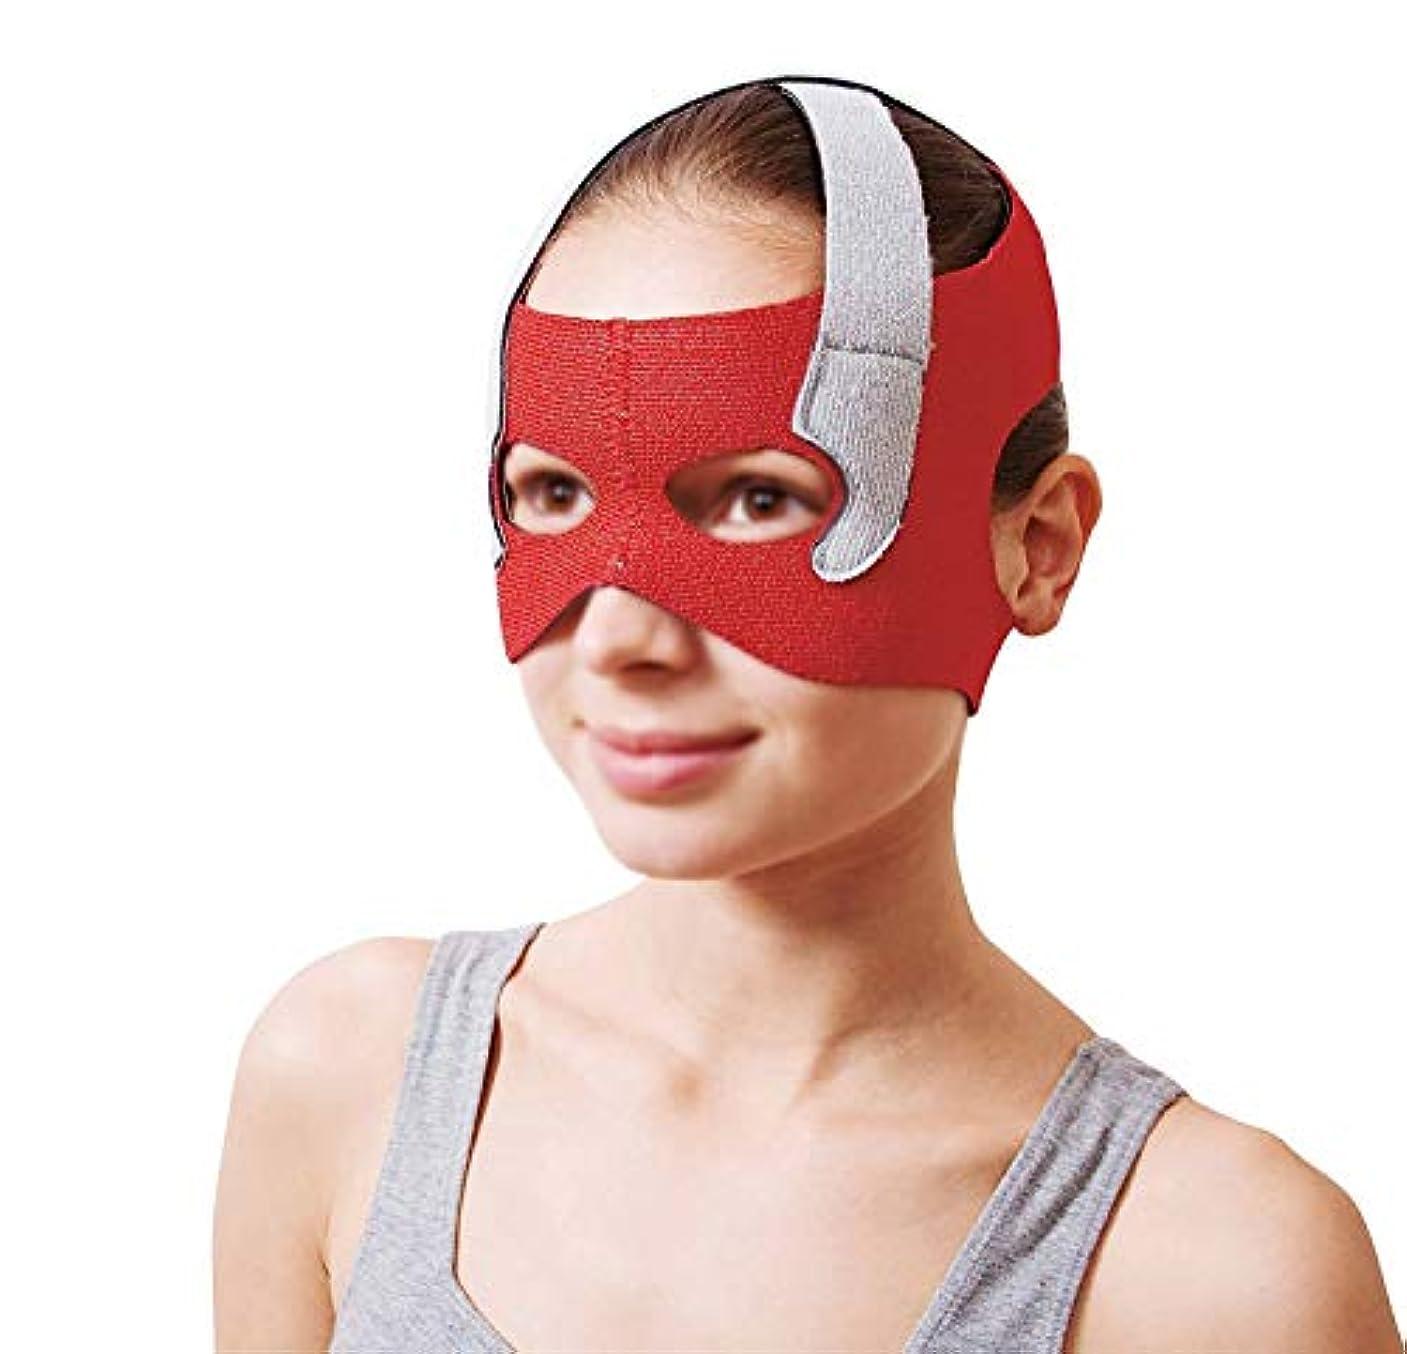 スクワイアトンラテンTLMY フェイシャルリフティングマスク回復包帯ヘッドギアマスクシンフェイスマスクアーティファクト美容ベルトフェイシャルとネックリフティングフェイシャル円周57-68 cm 顔用整形マスク